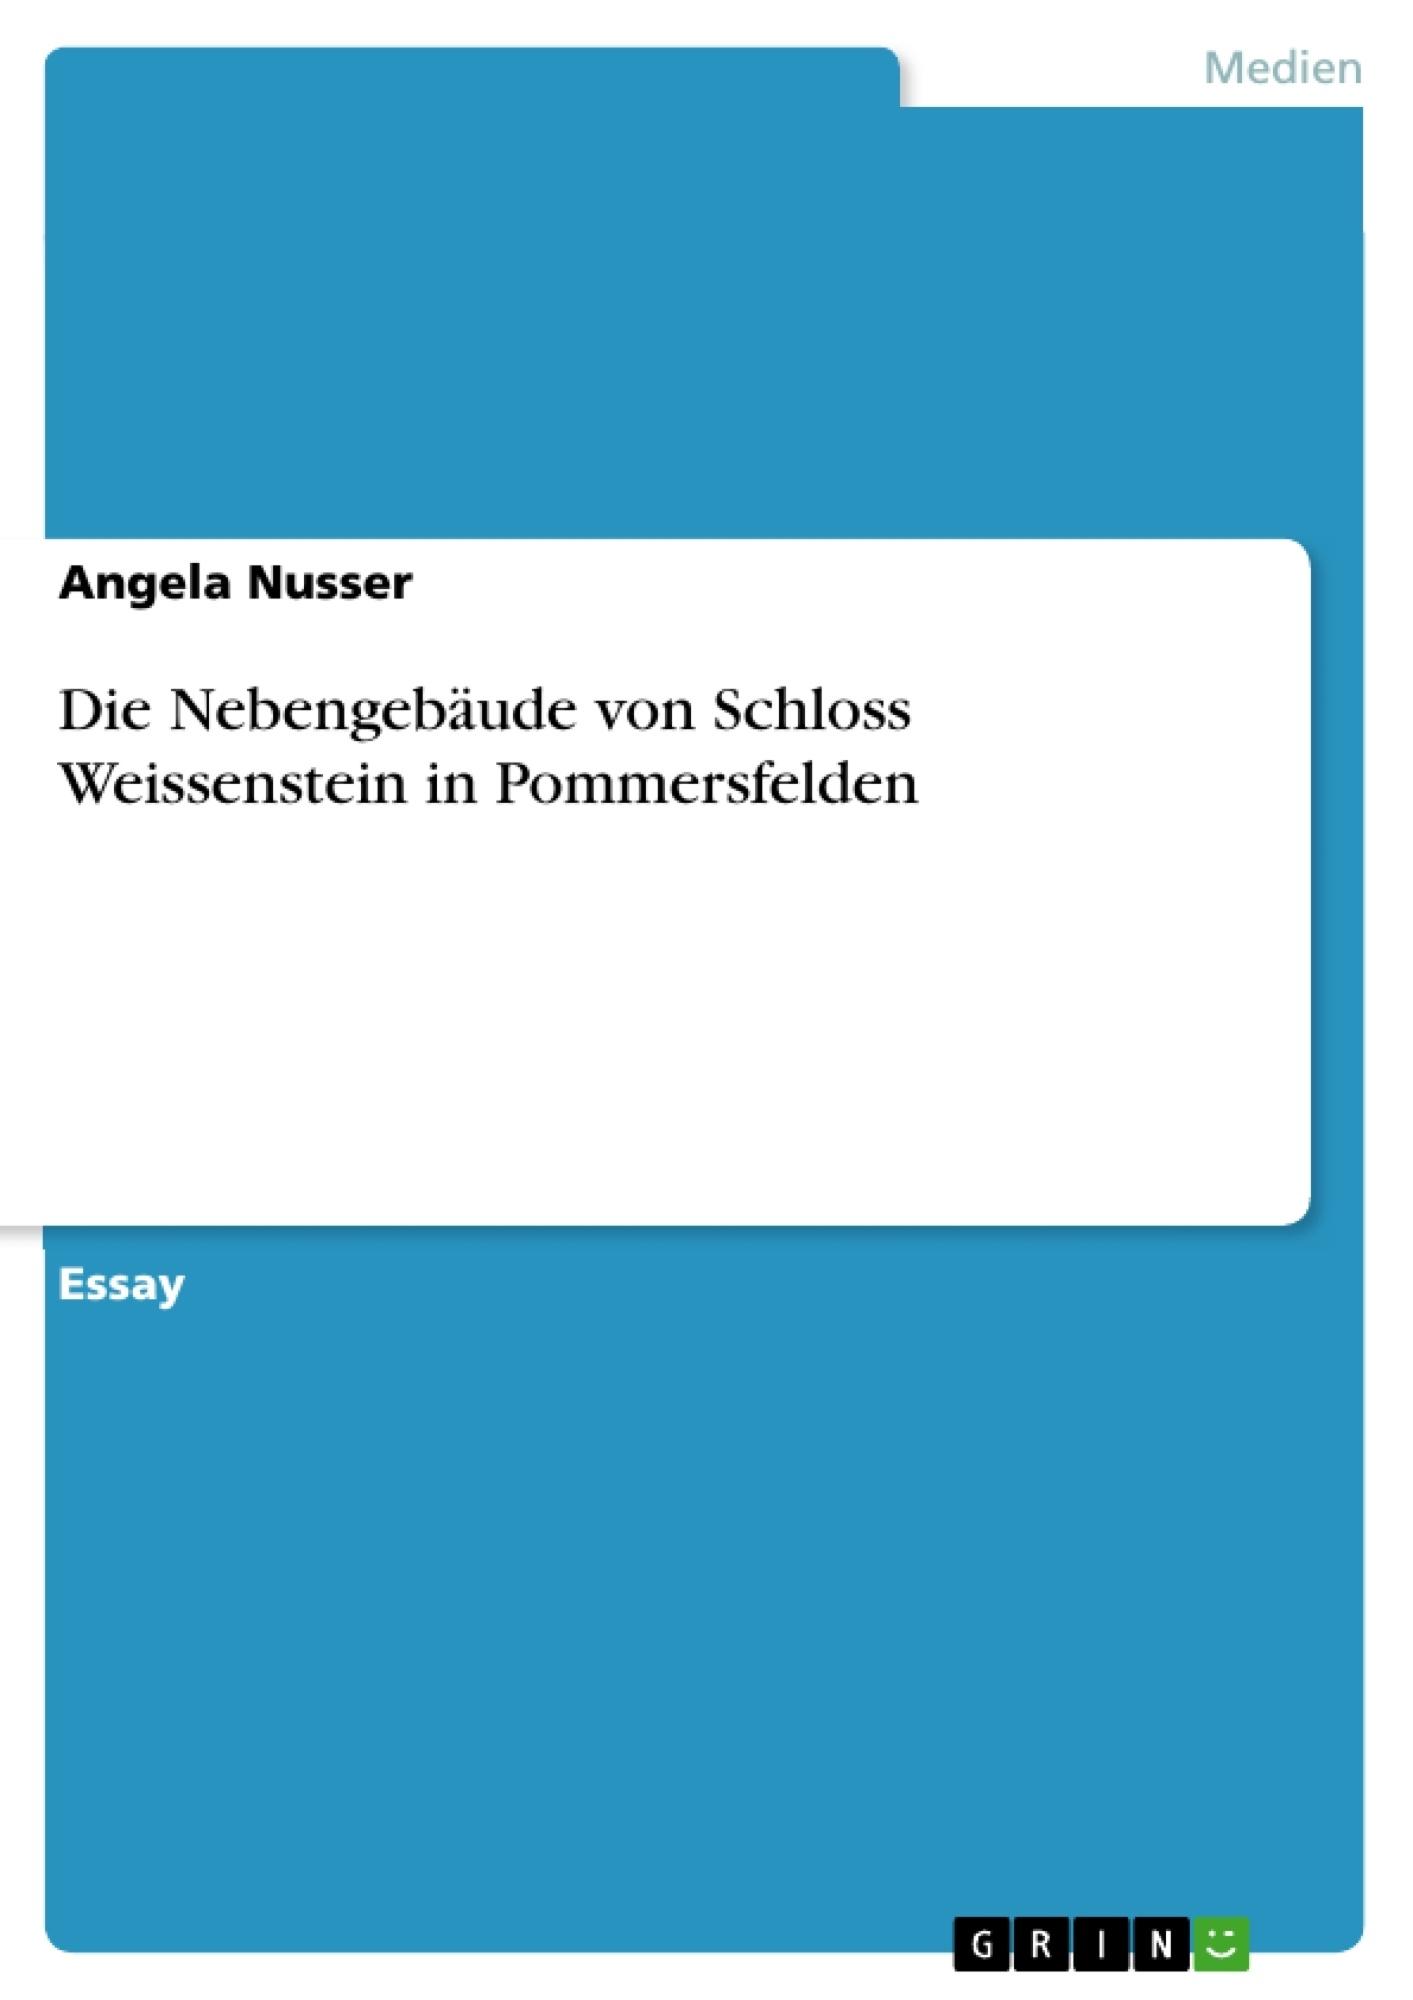 Titel: Die Nebengebäude von Schloss Weissenstein in Pommersfelden